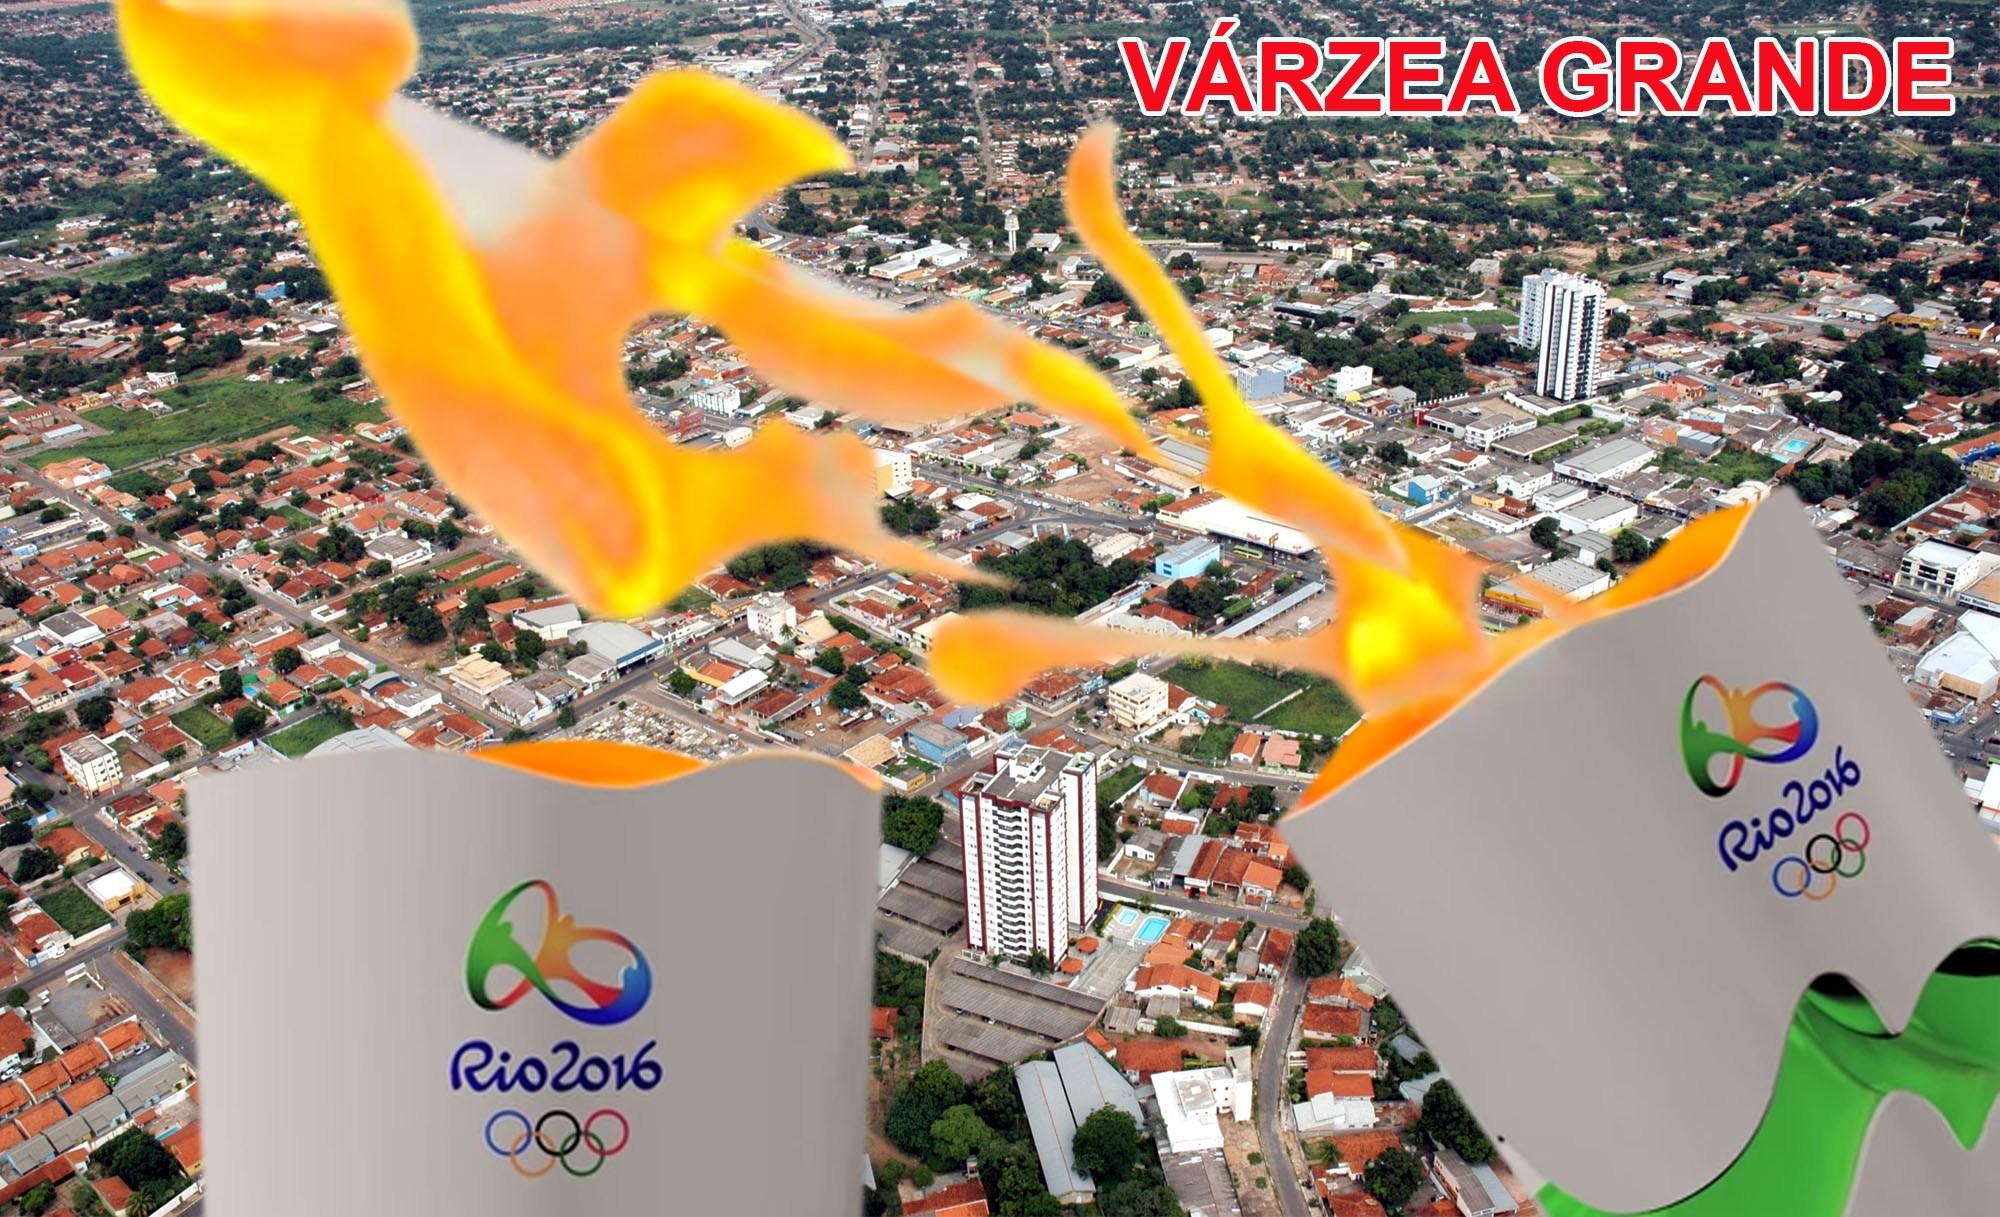 Tocha Olímpica chega amanhã às 10h em Várzea Grande